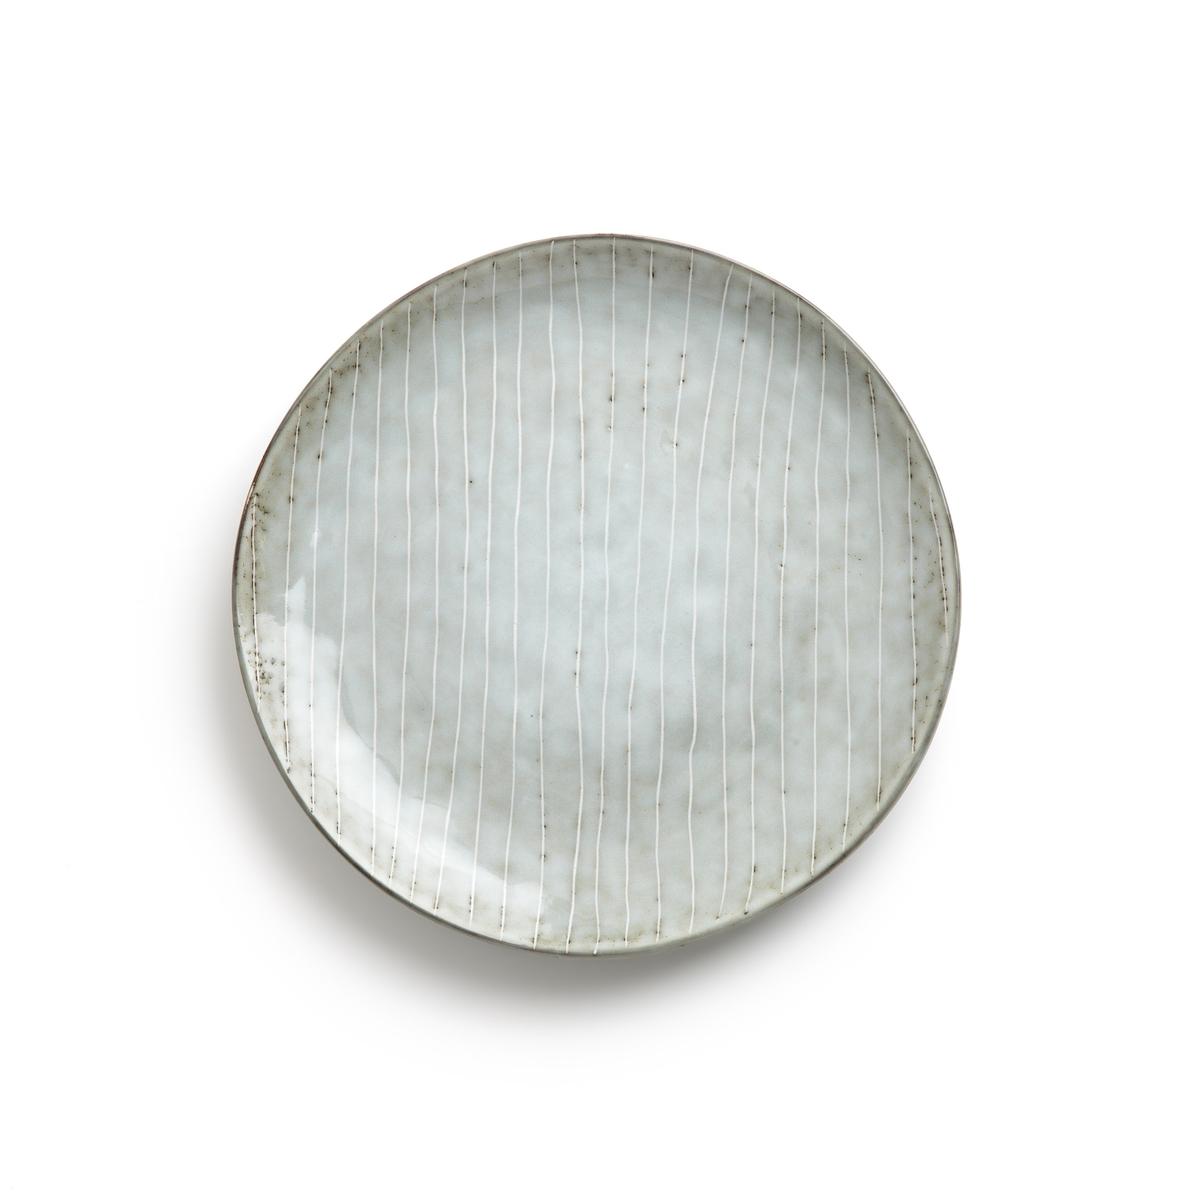 Комплект из 4 десертных тарелок из керамики, Amedras 4 тарелки мелкие фарфоровые shigoni